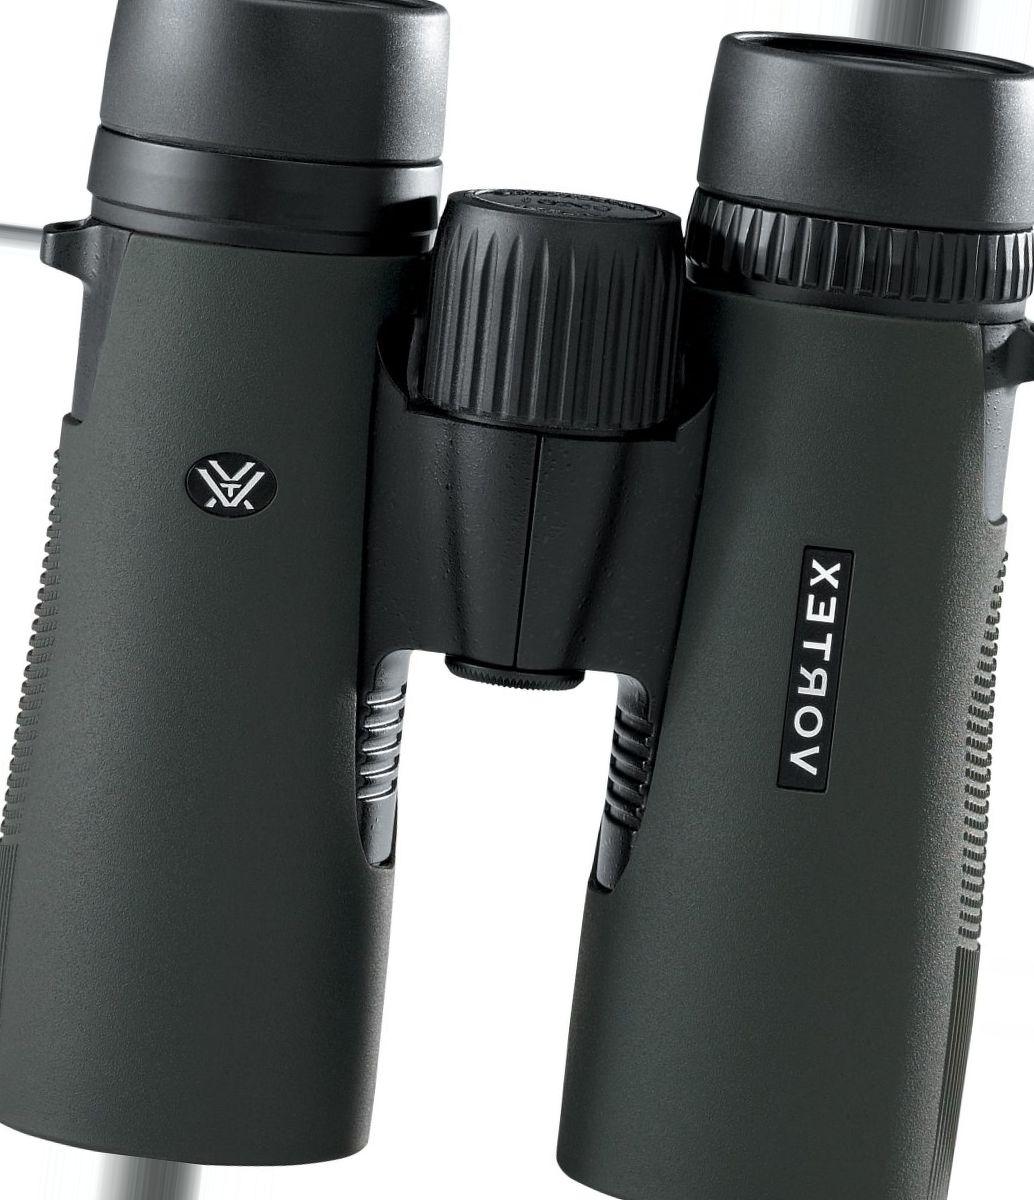 Vortex® Diamondback 10x42 Binoculars